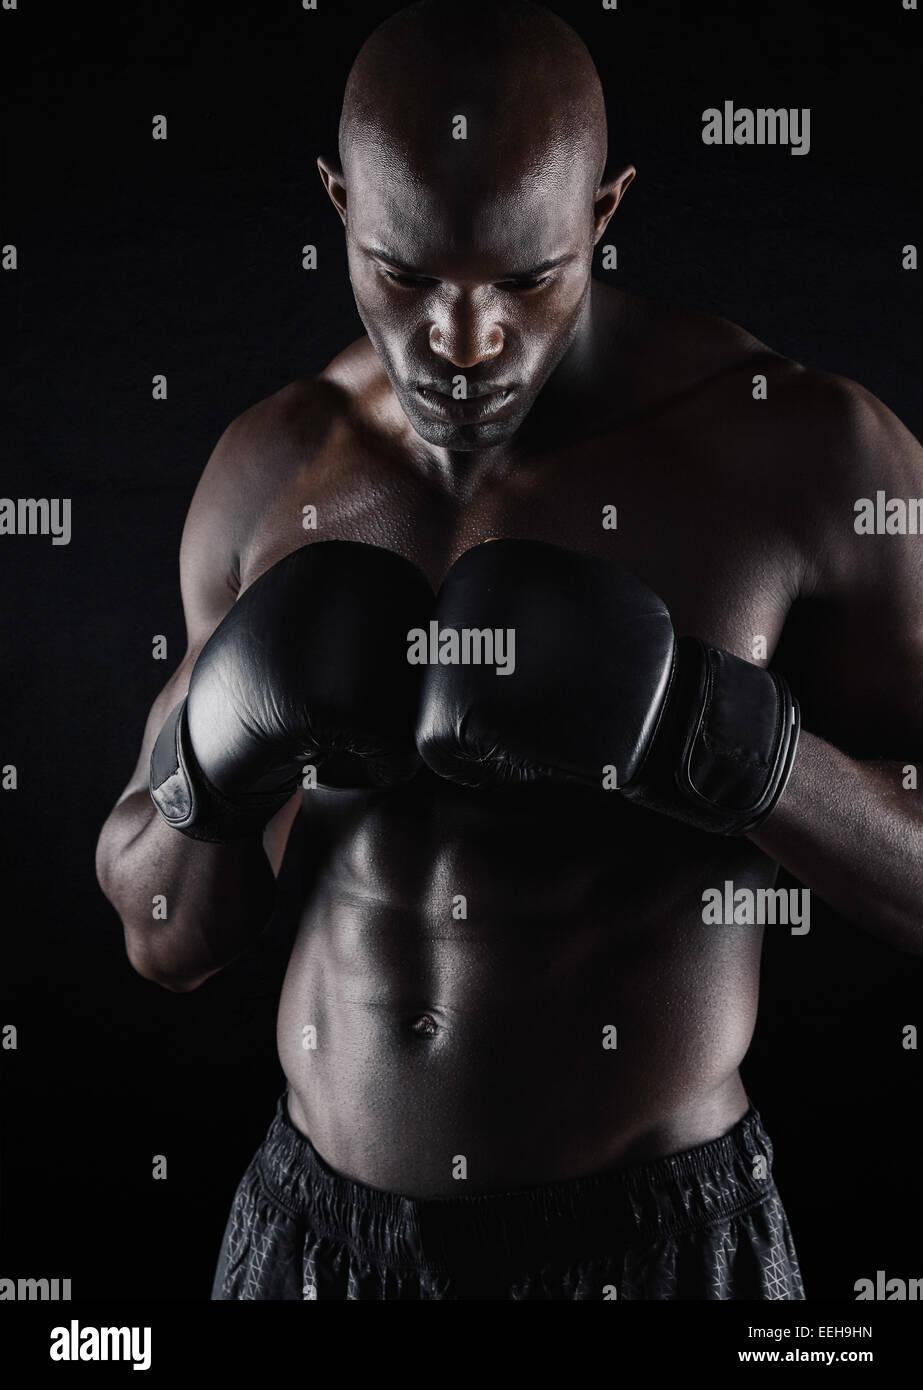 Passen Sie jungen Mann tragen Boxhandschuhe auf schwarzem Hintergrund. Profi-Boxer Kampf vorbereiten. Stockbild